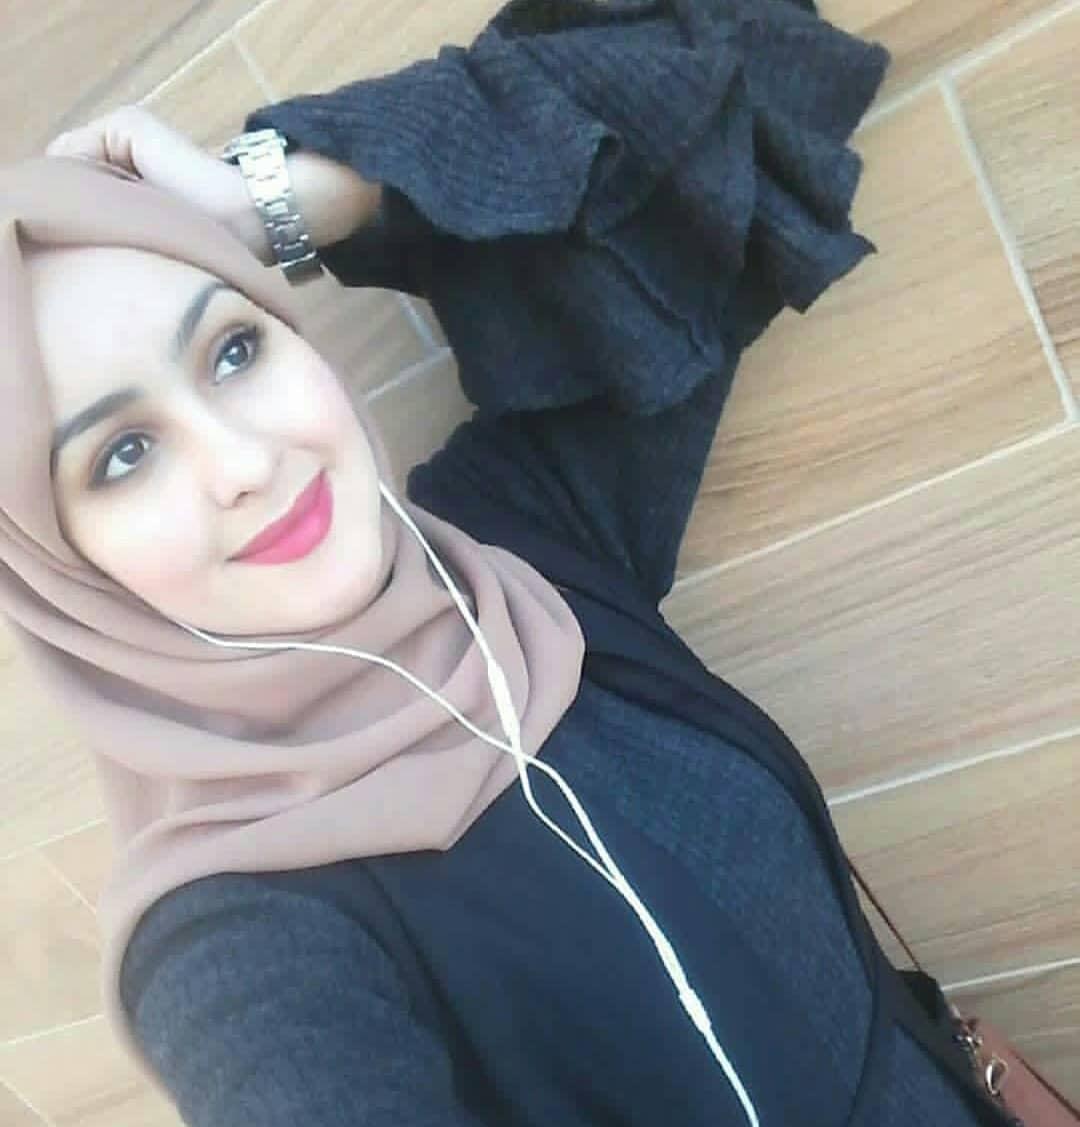 صورة بنات محجبات , صور بنات انيقة بالحجاب